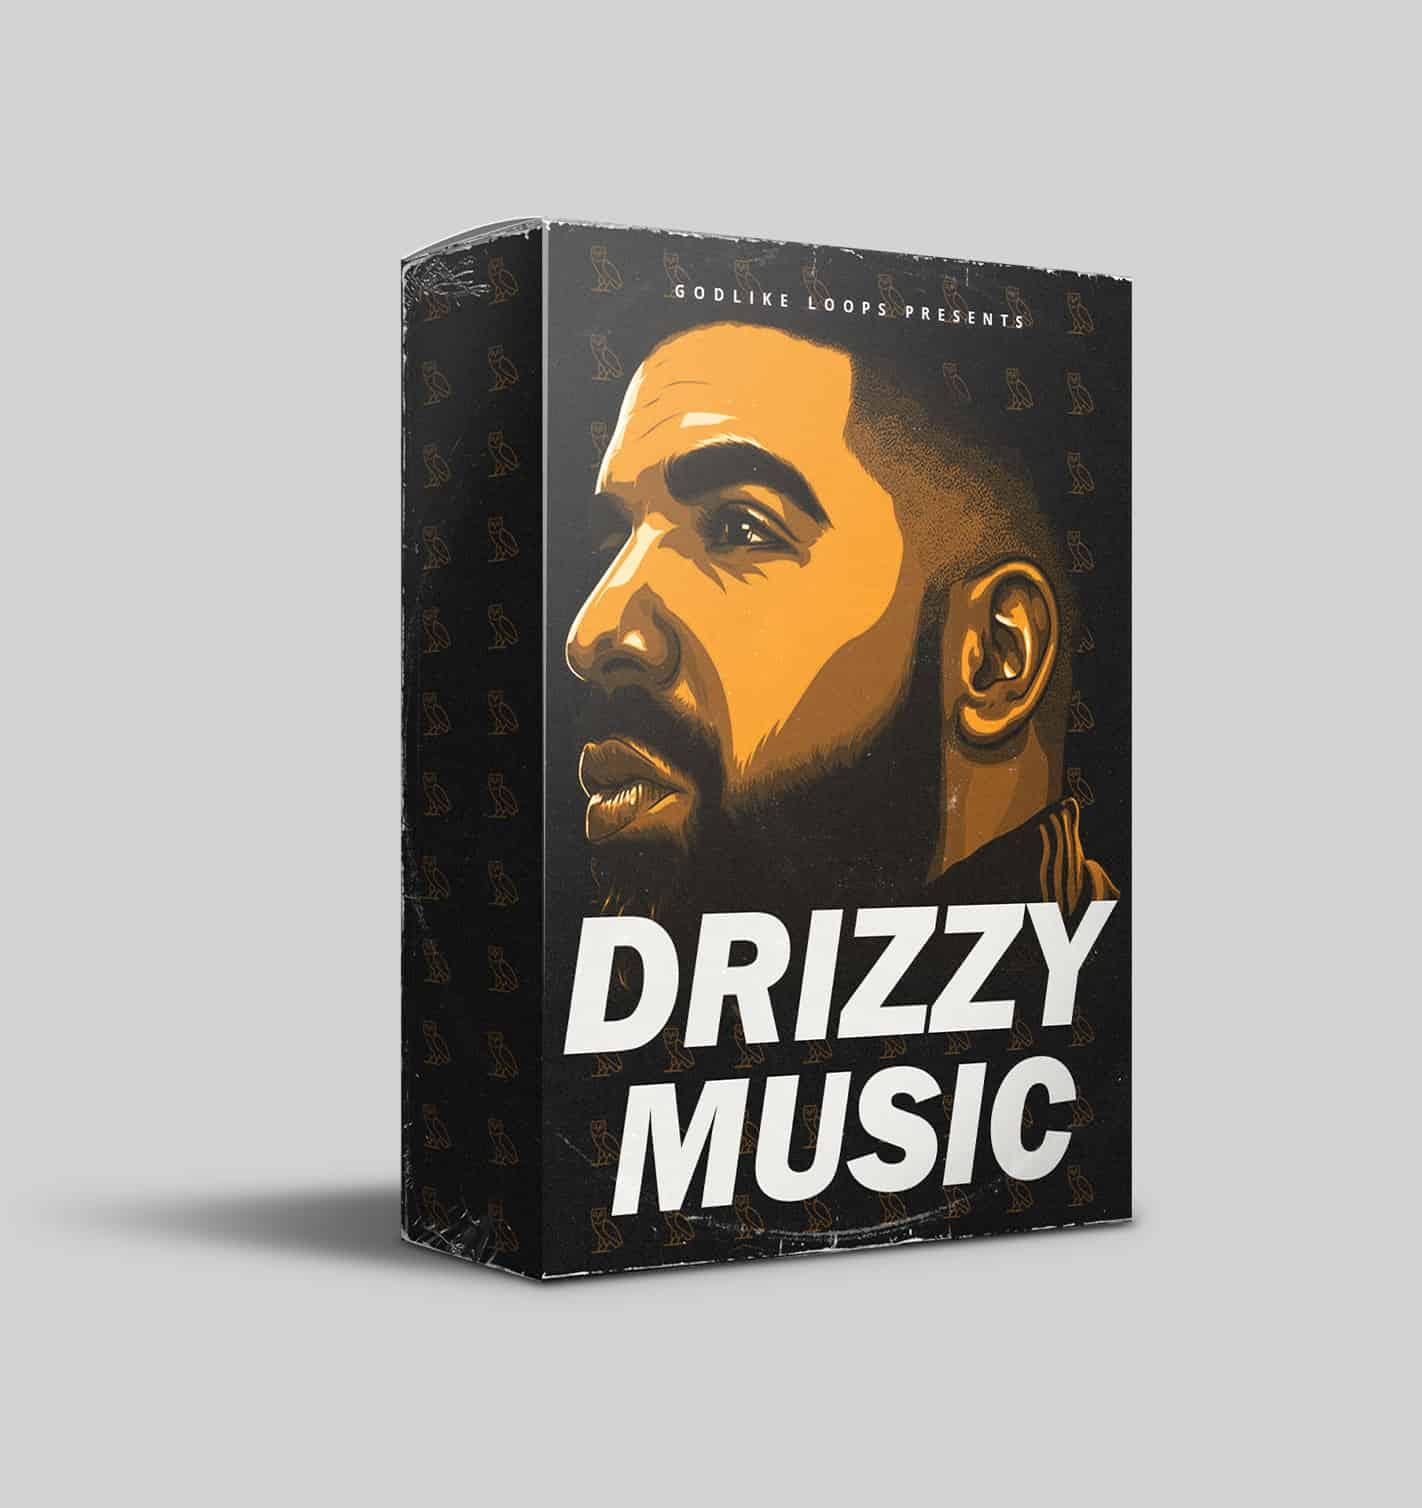 Godlike Loops - Drizzy Music Kits